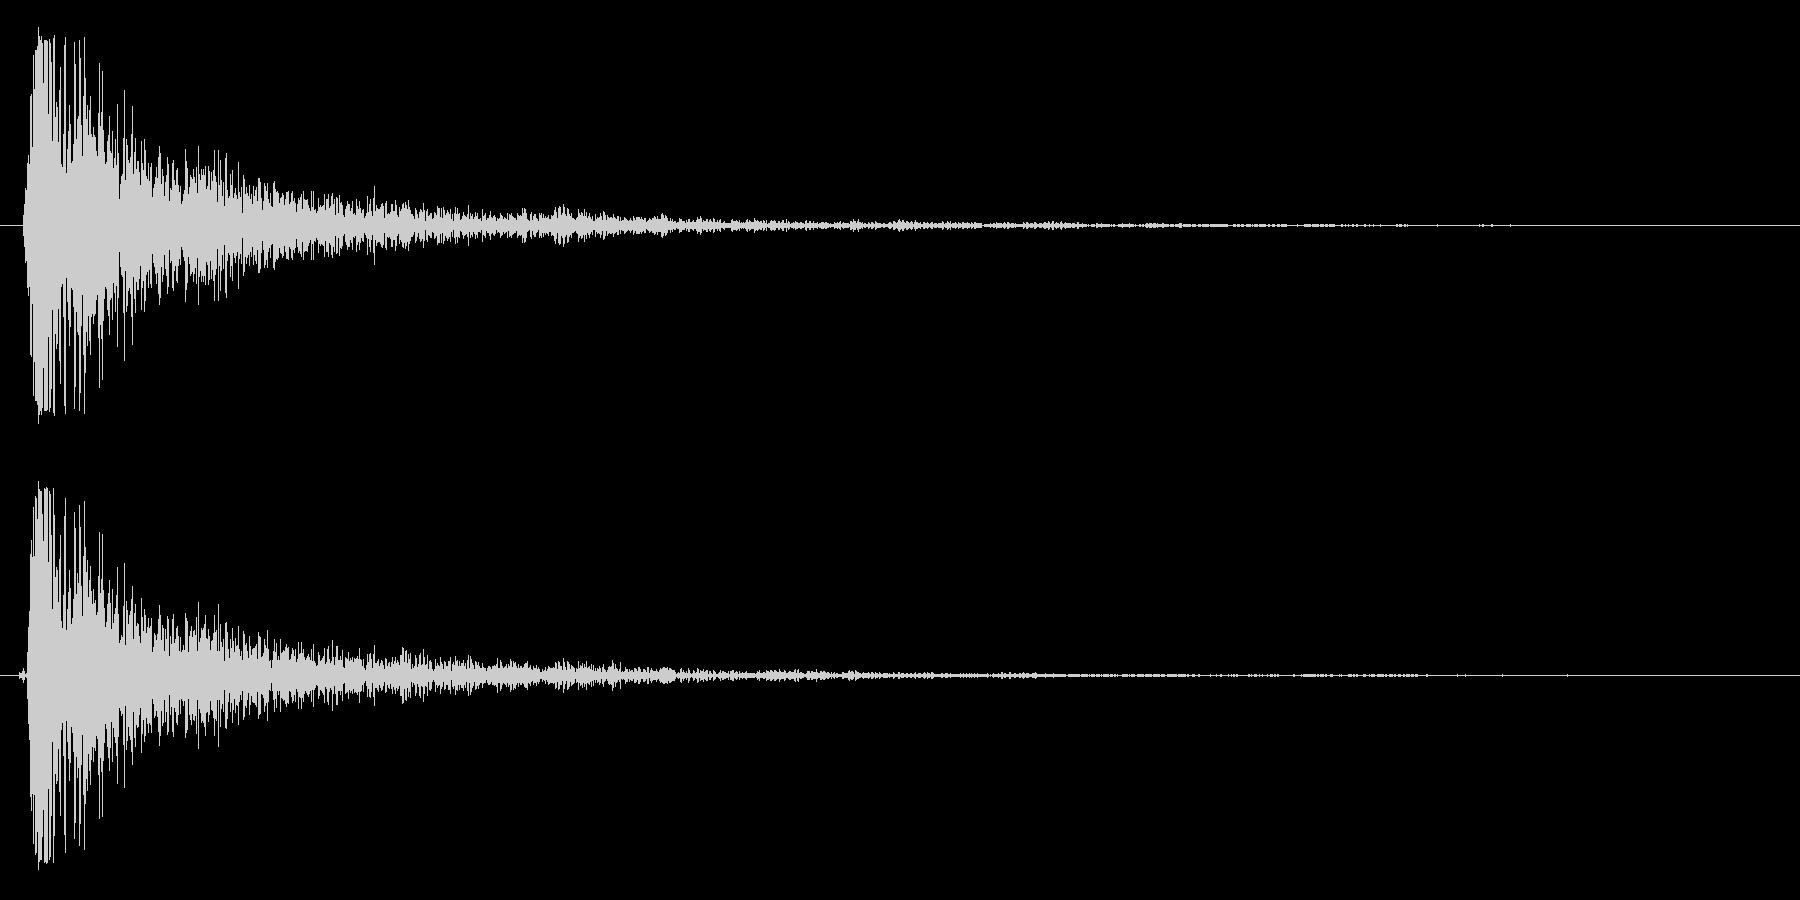 バシッ(強烈なビンタをする音)の未再生の波形